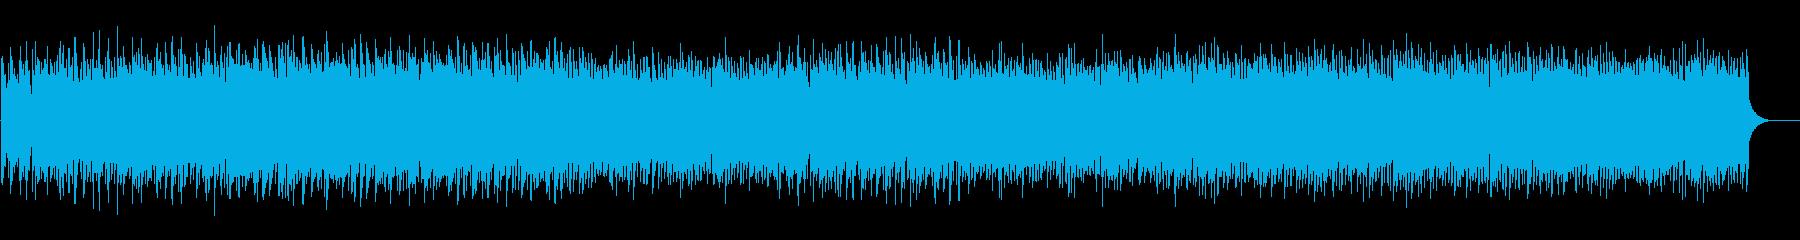 【ドラム抜き】ピアノが爽やかなストリングの再生済みの波形